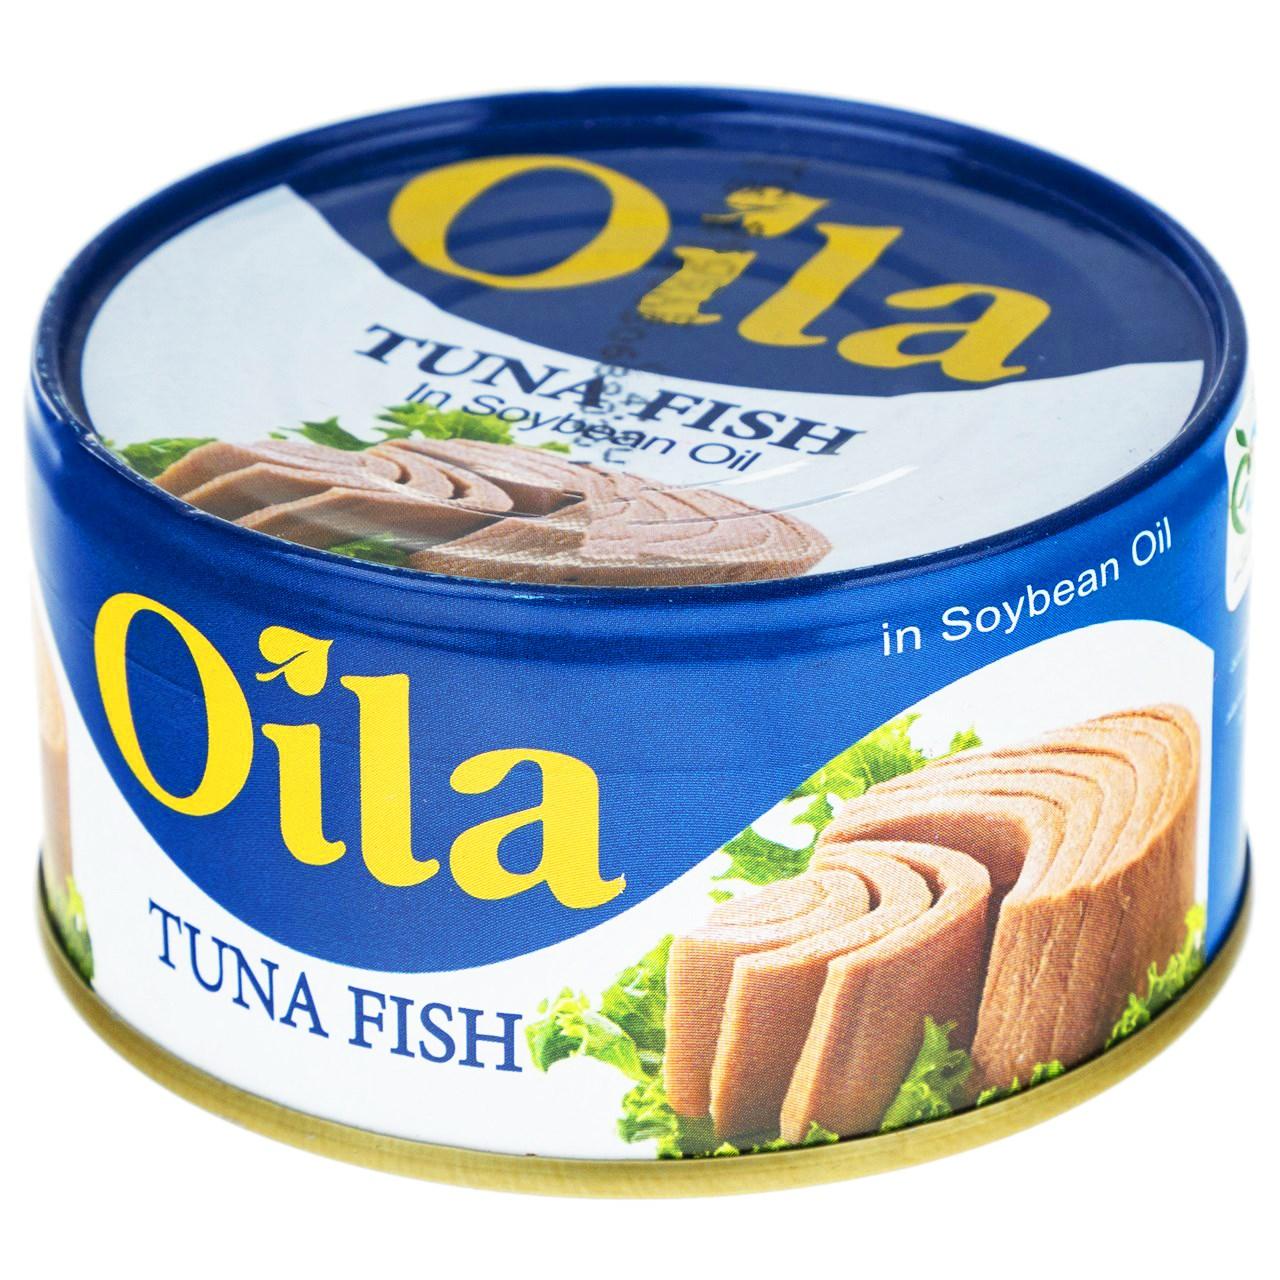 تن ماهی در روغن سویا اویلا - 180 گرم